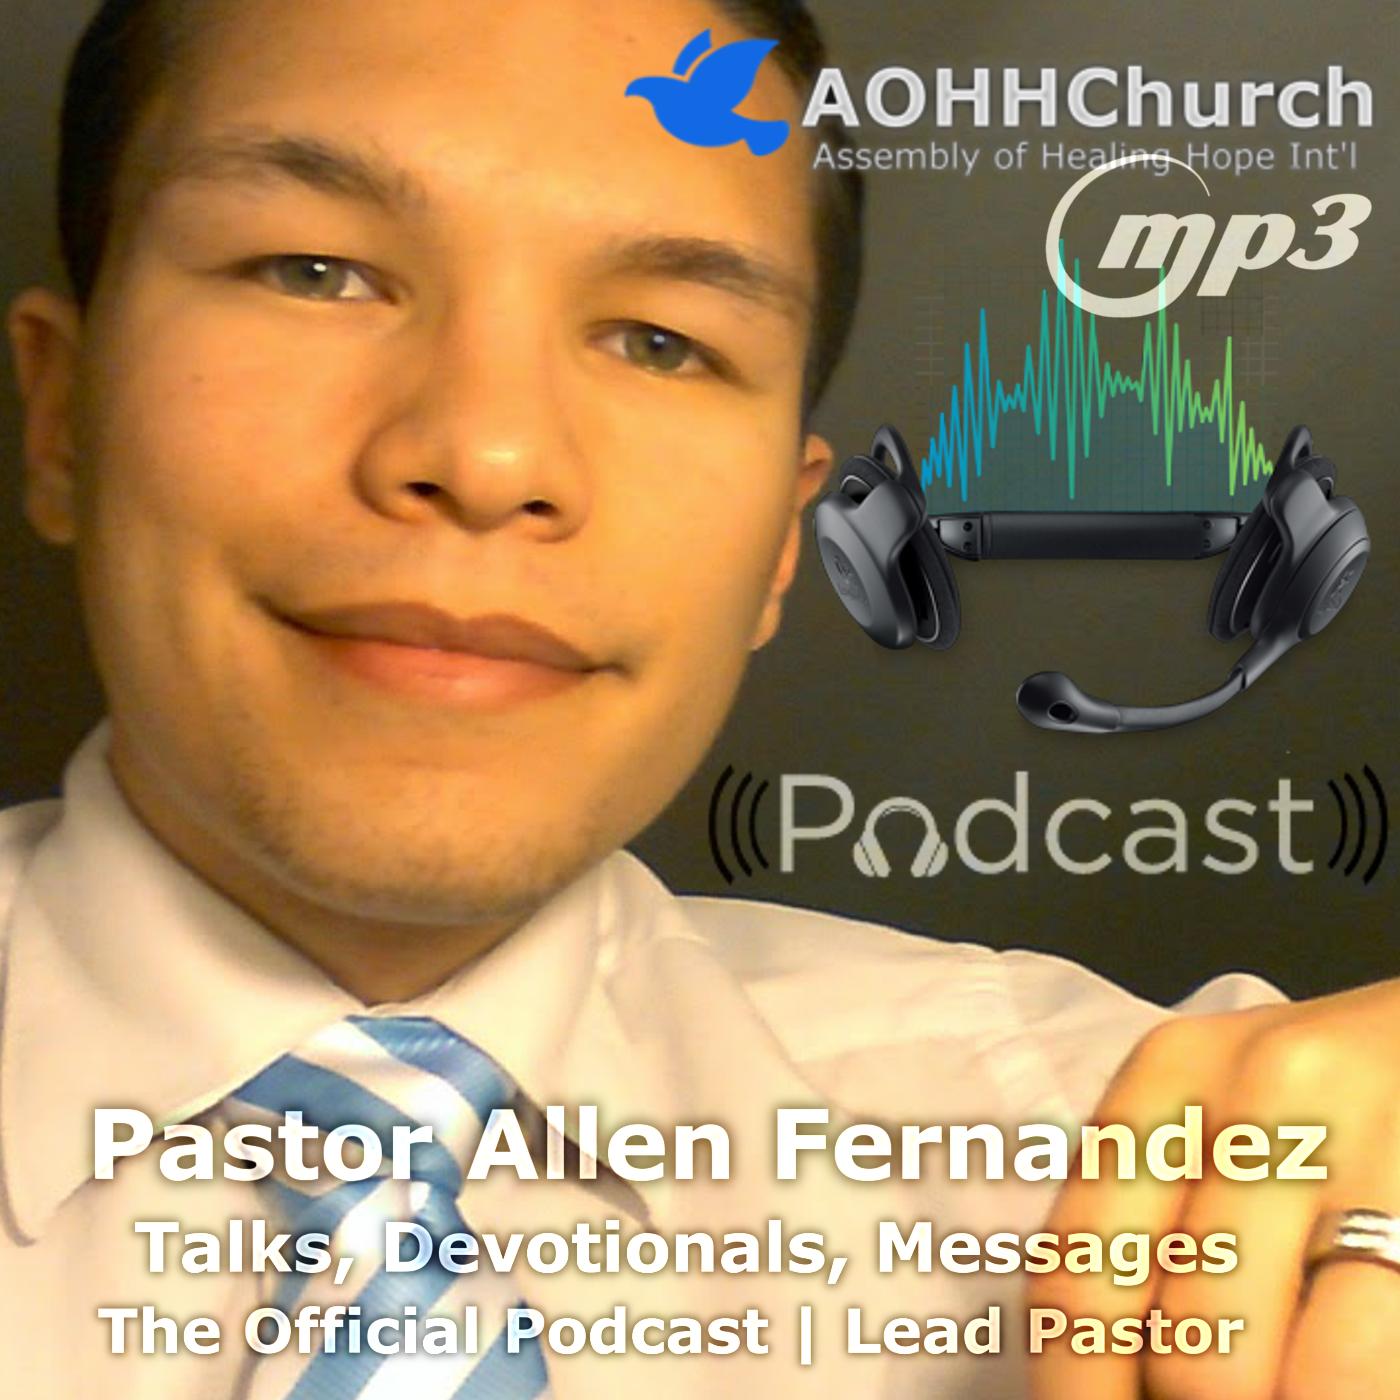 Pastor Allen Fernandez - Talks, Devotionals, Messages